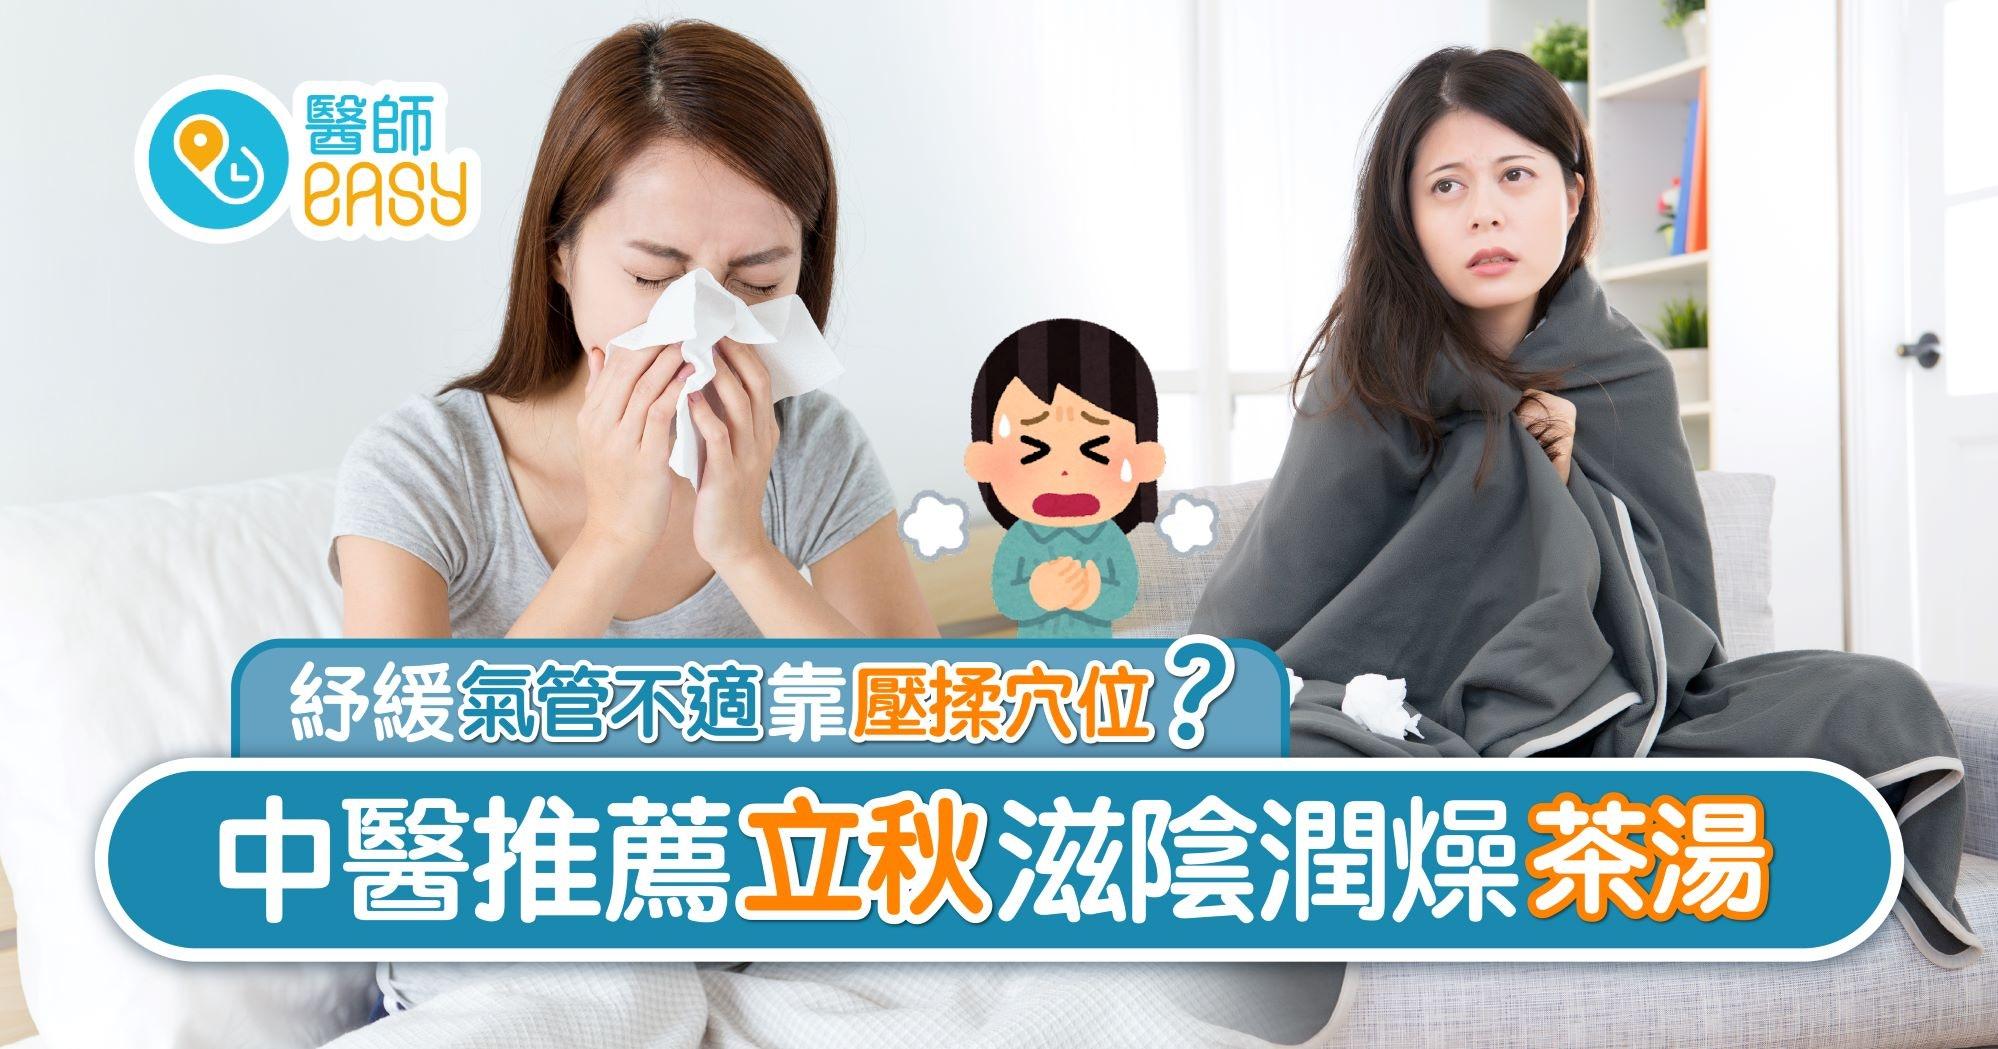 立秋|仍受暑氣影響 養生袪濕潤燥並重 醫師推薦三款簡單湯水茶飲